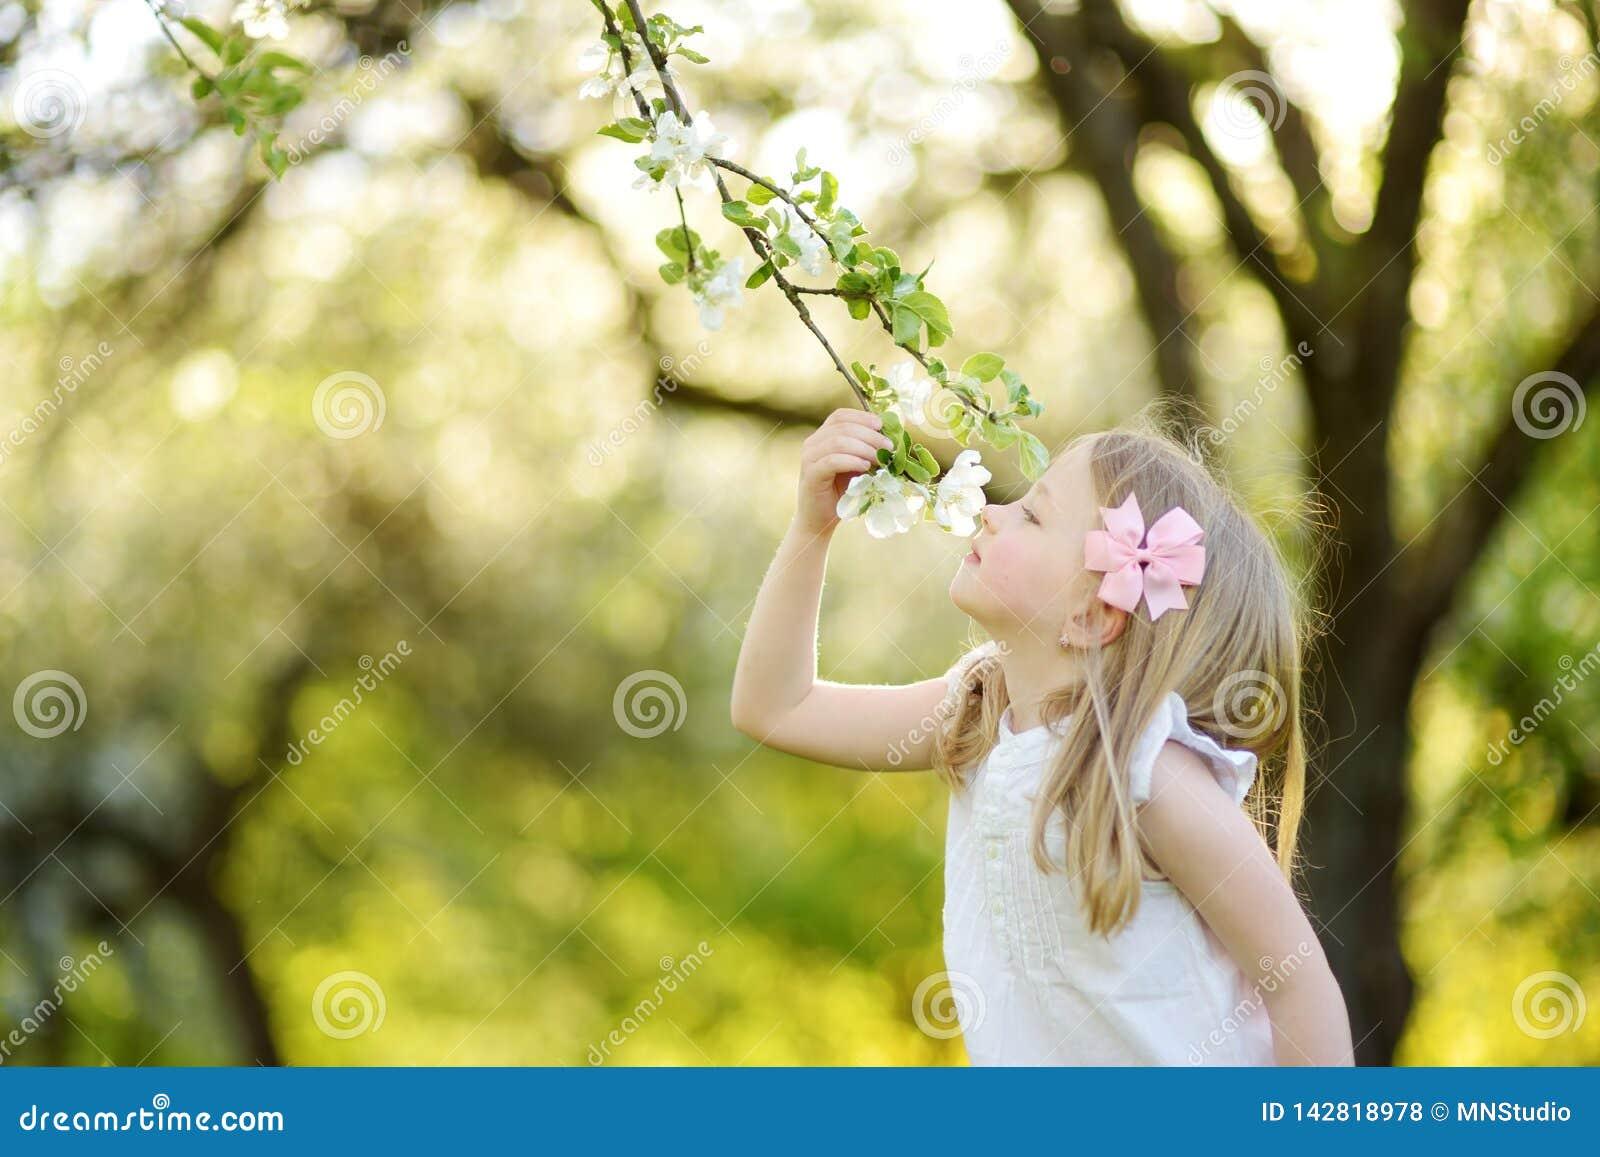 Aanbiddelijk meisje in de bloeiende tuin van de appelboom op mooie de lentedag